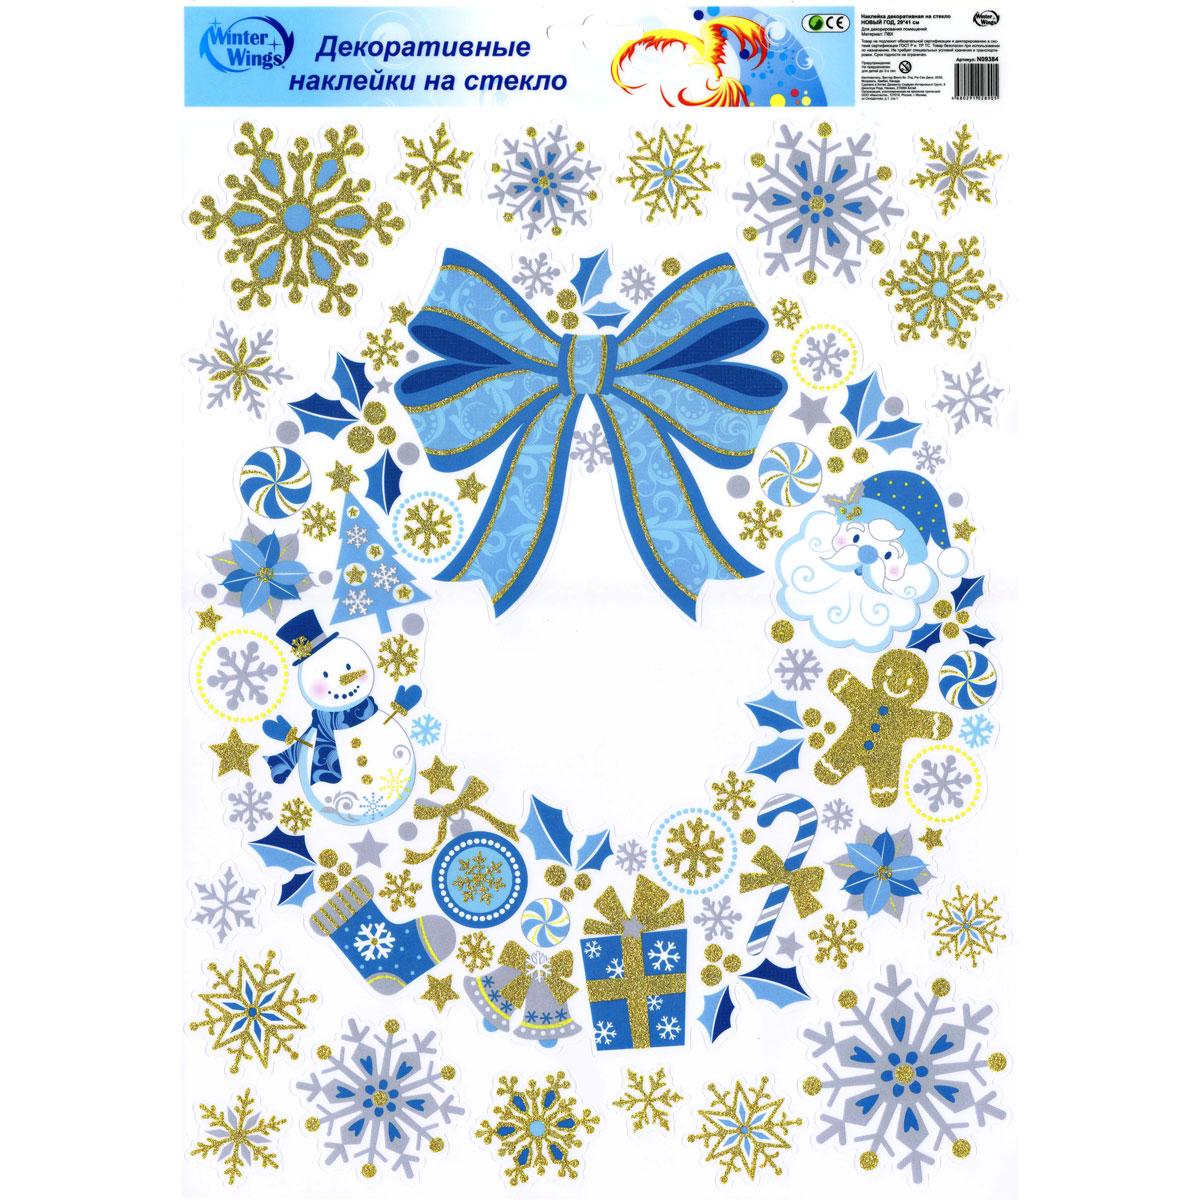 Украшение новогоднее оконное Winter Wings Новый год, 29 х 41 см. N09384 украшение новогоднее оконное winter wings новогодние герои 5 шт n09356 ангелы